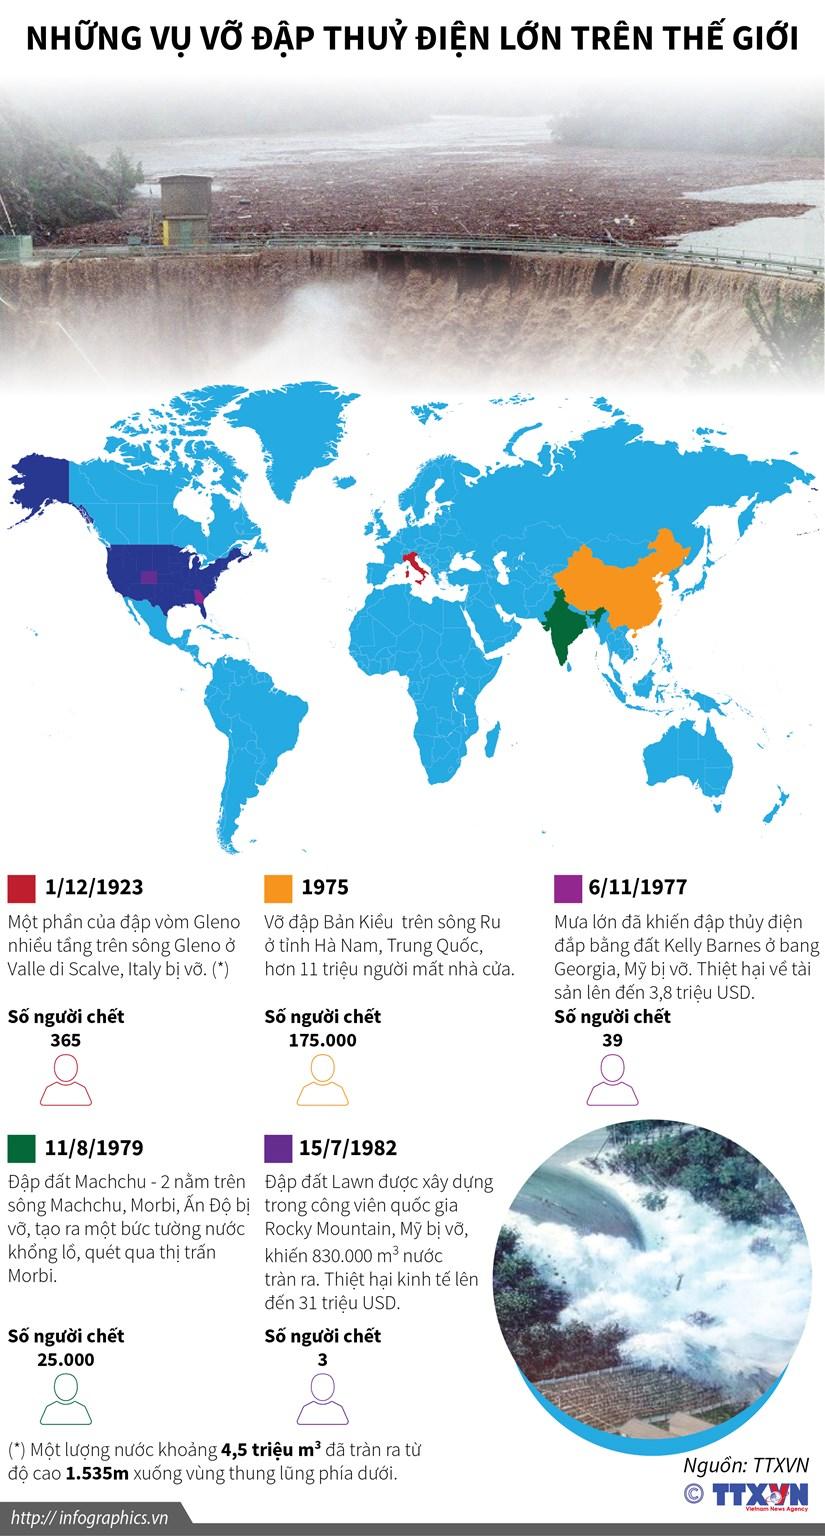 [Infographics] Nhung vu vo dap thuy dien lon tren the gioi hinh anh 1